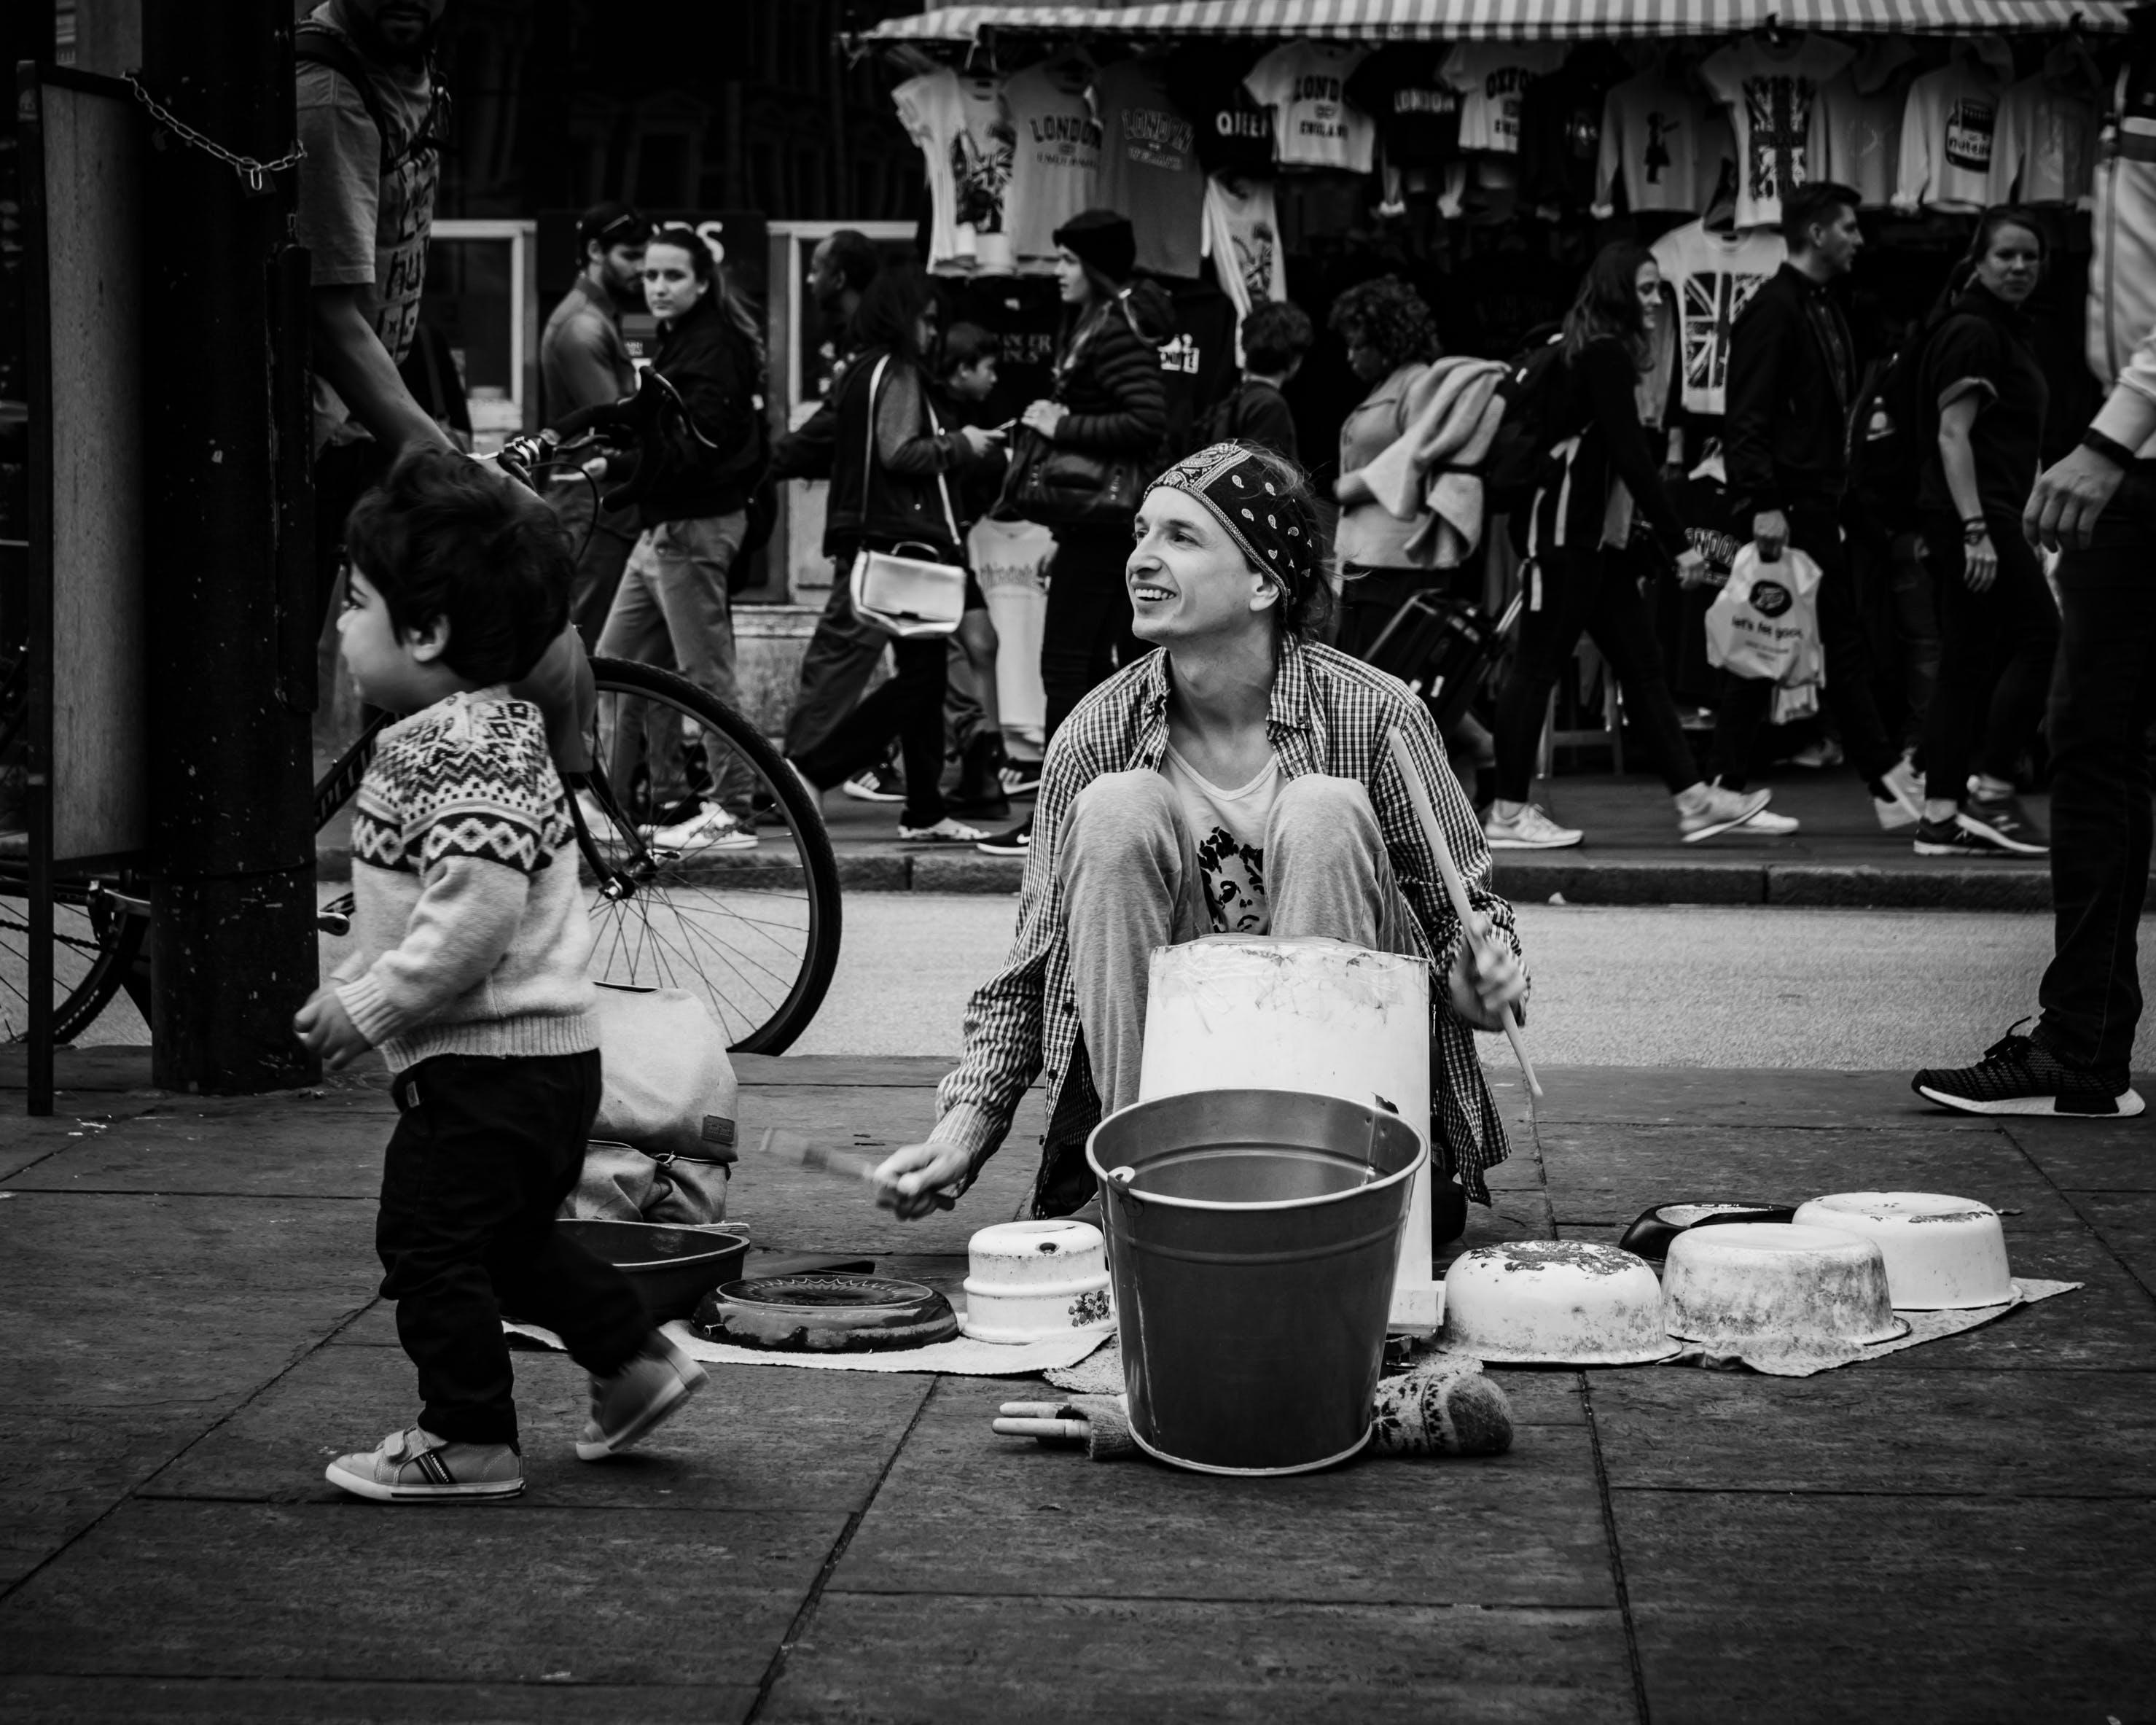 Kostnadsfri bild av ansiktsuttryck, barn, behållare, folkmassa